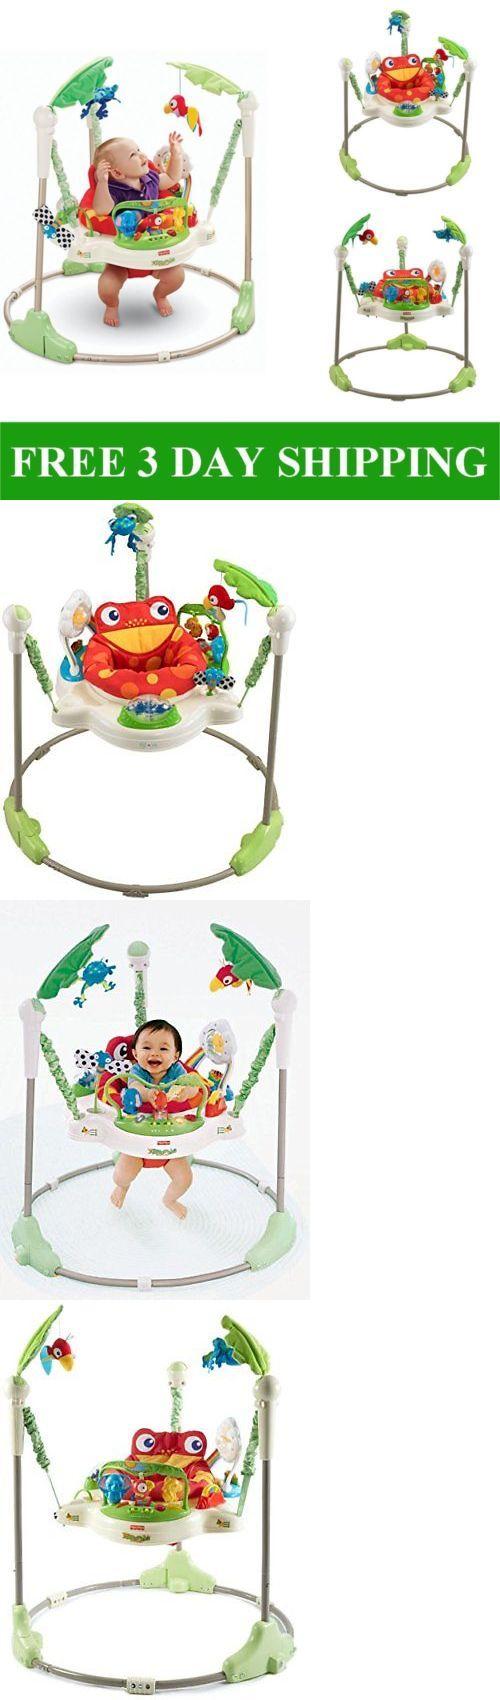 808ea163e Baby Bouncer Walker Jumper Toddler Walk Activity Toy Center Infant ...